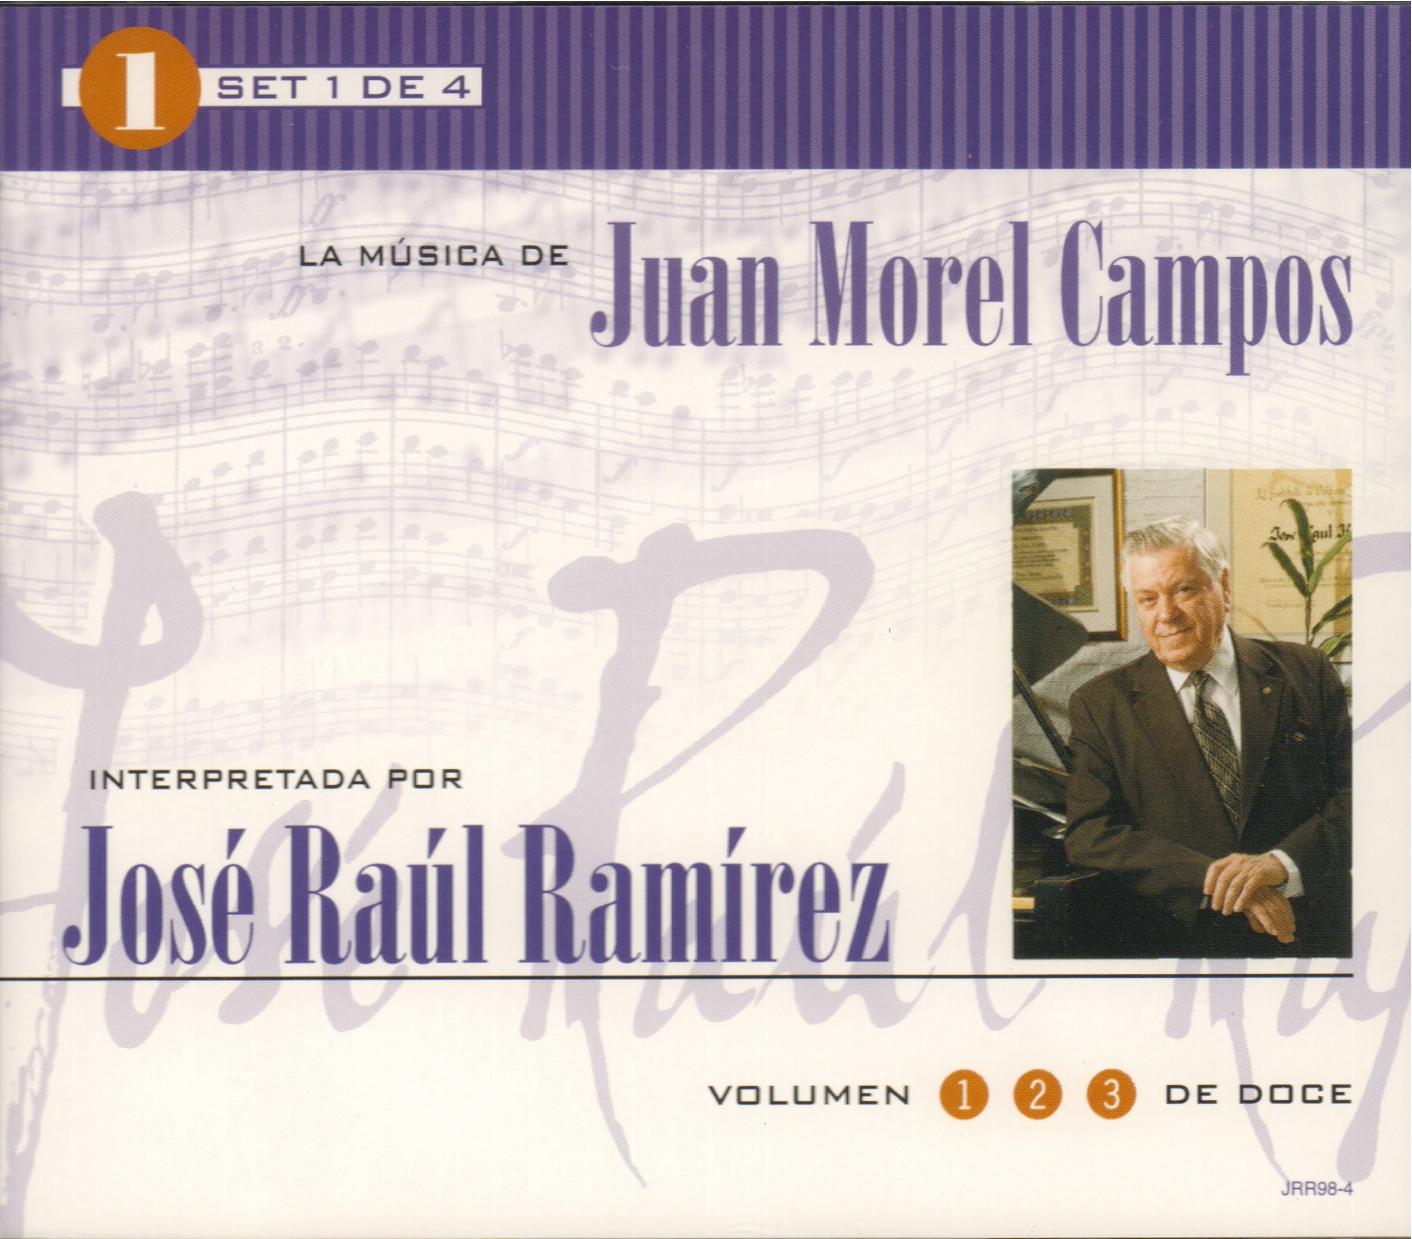 Set 1 de 4: La Música de Juan Morel Campos interpretada por José Raúl Ramírez